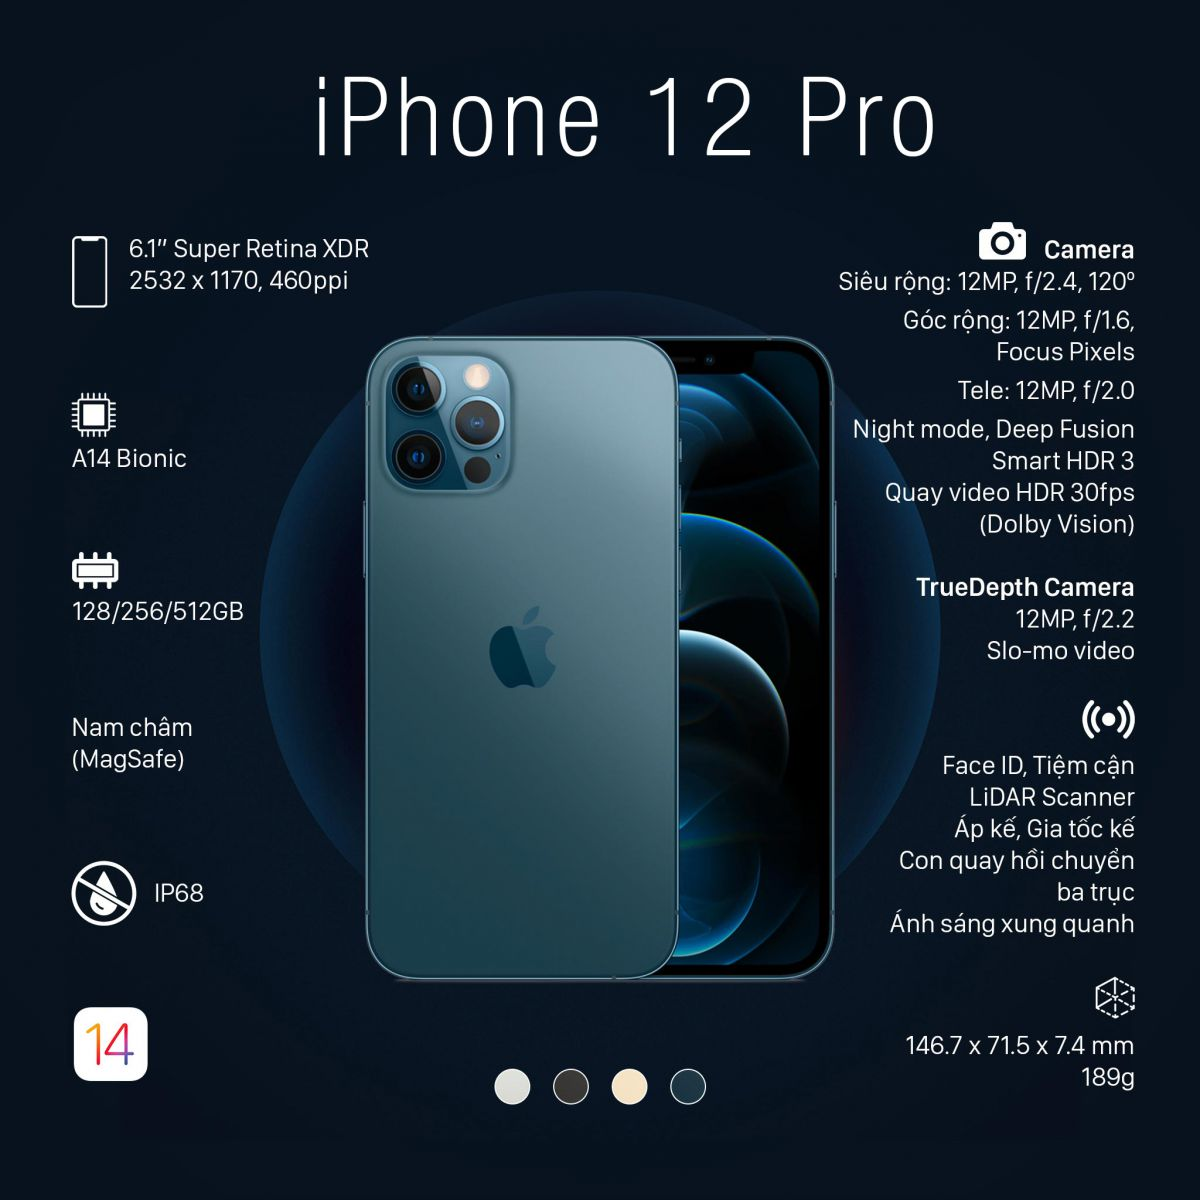 iPhone Pro xóa phông